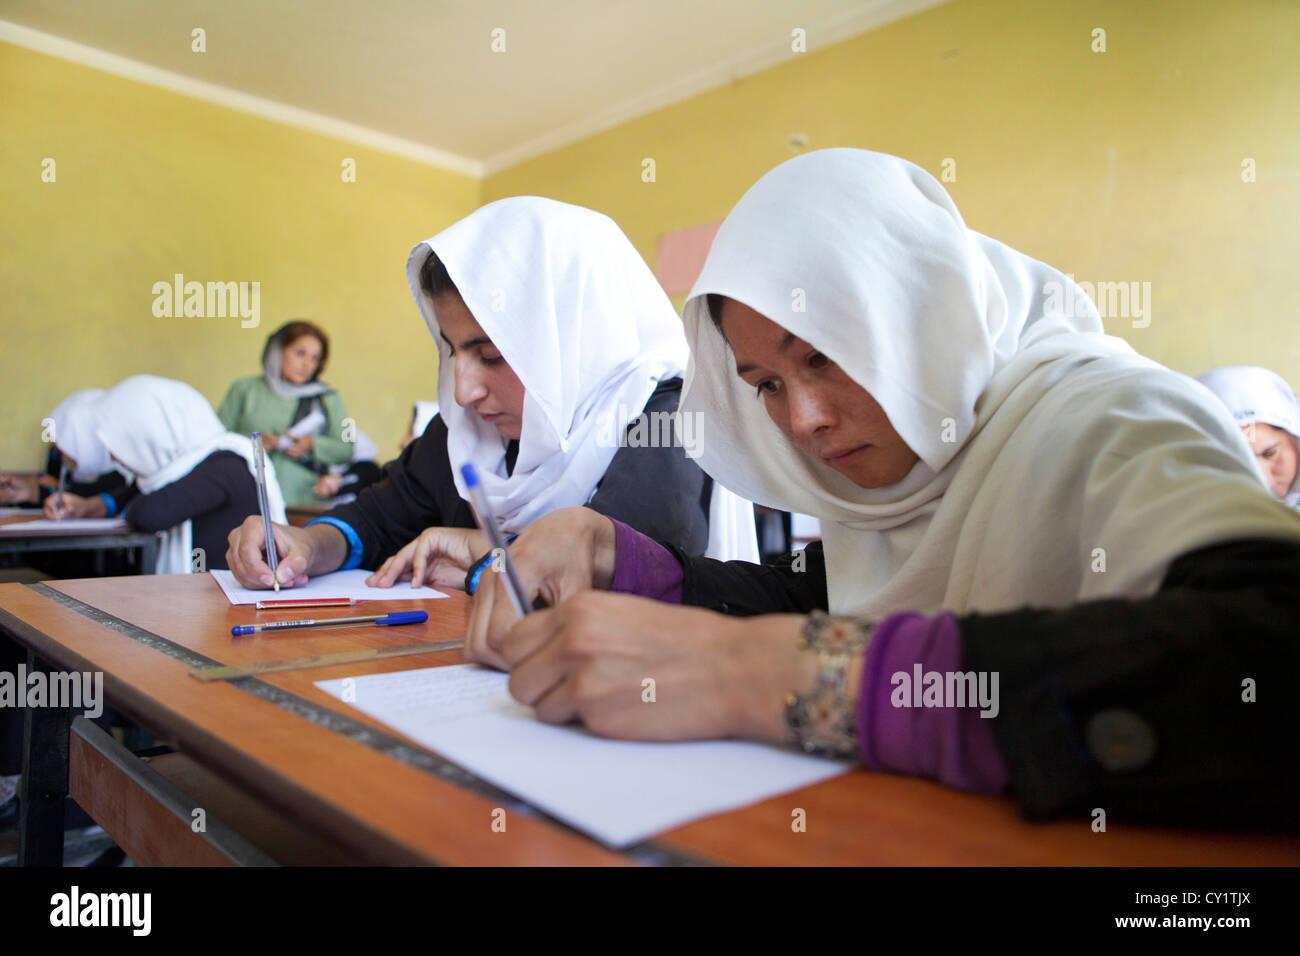 Exame Stock Photos & Exame Stock Images - Alamy